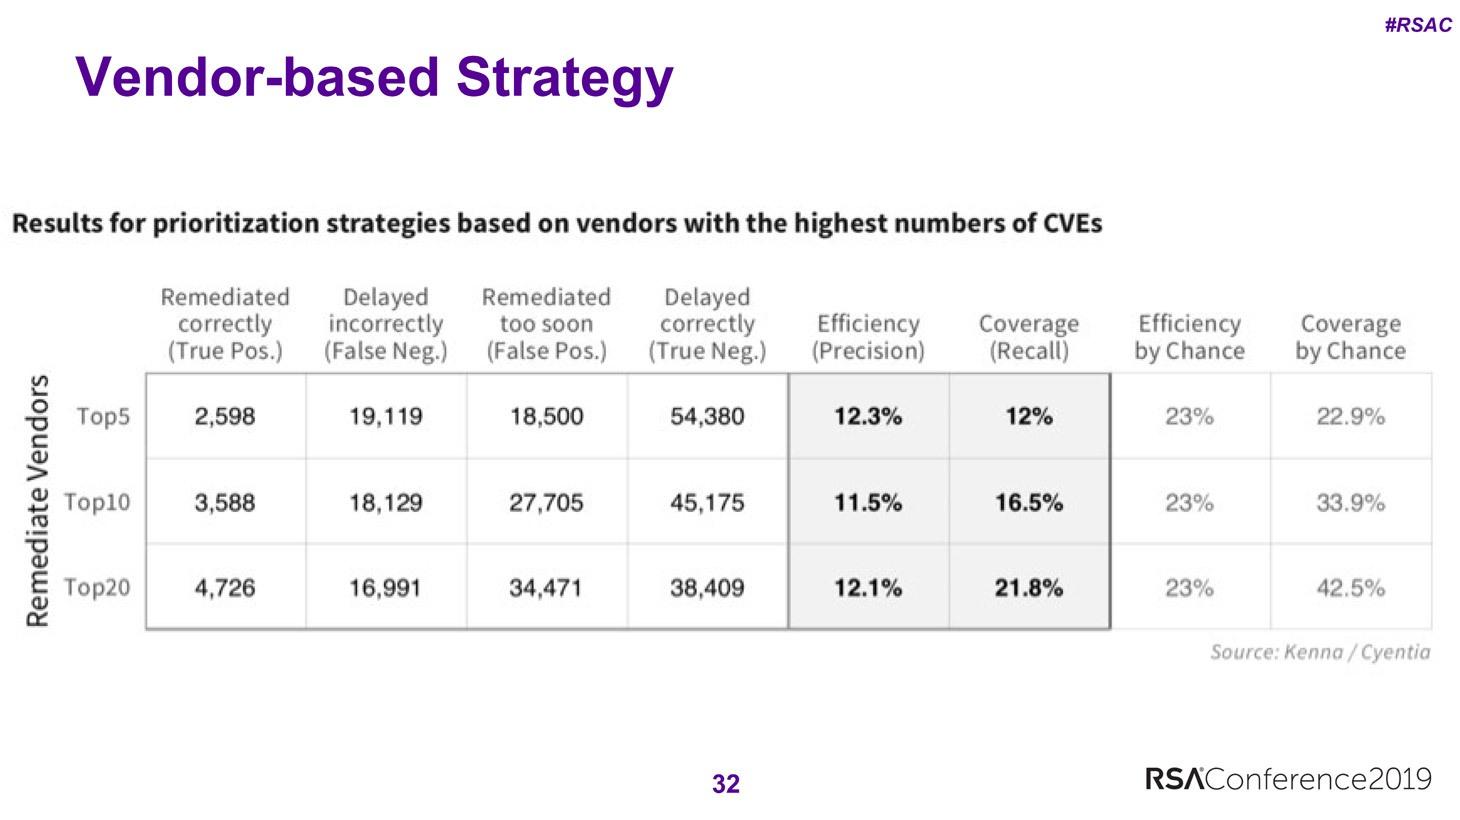 Strategieën gebaseerd op leveranciers zijn veel minder effectief dan willekeurig patchen